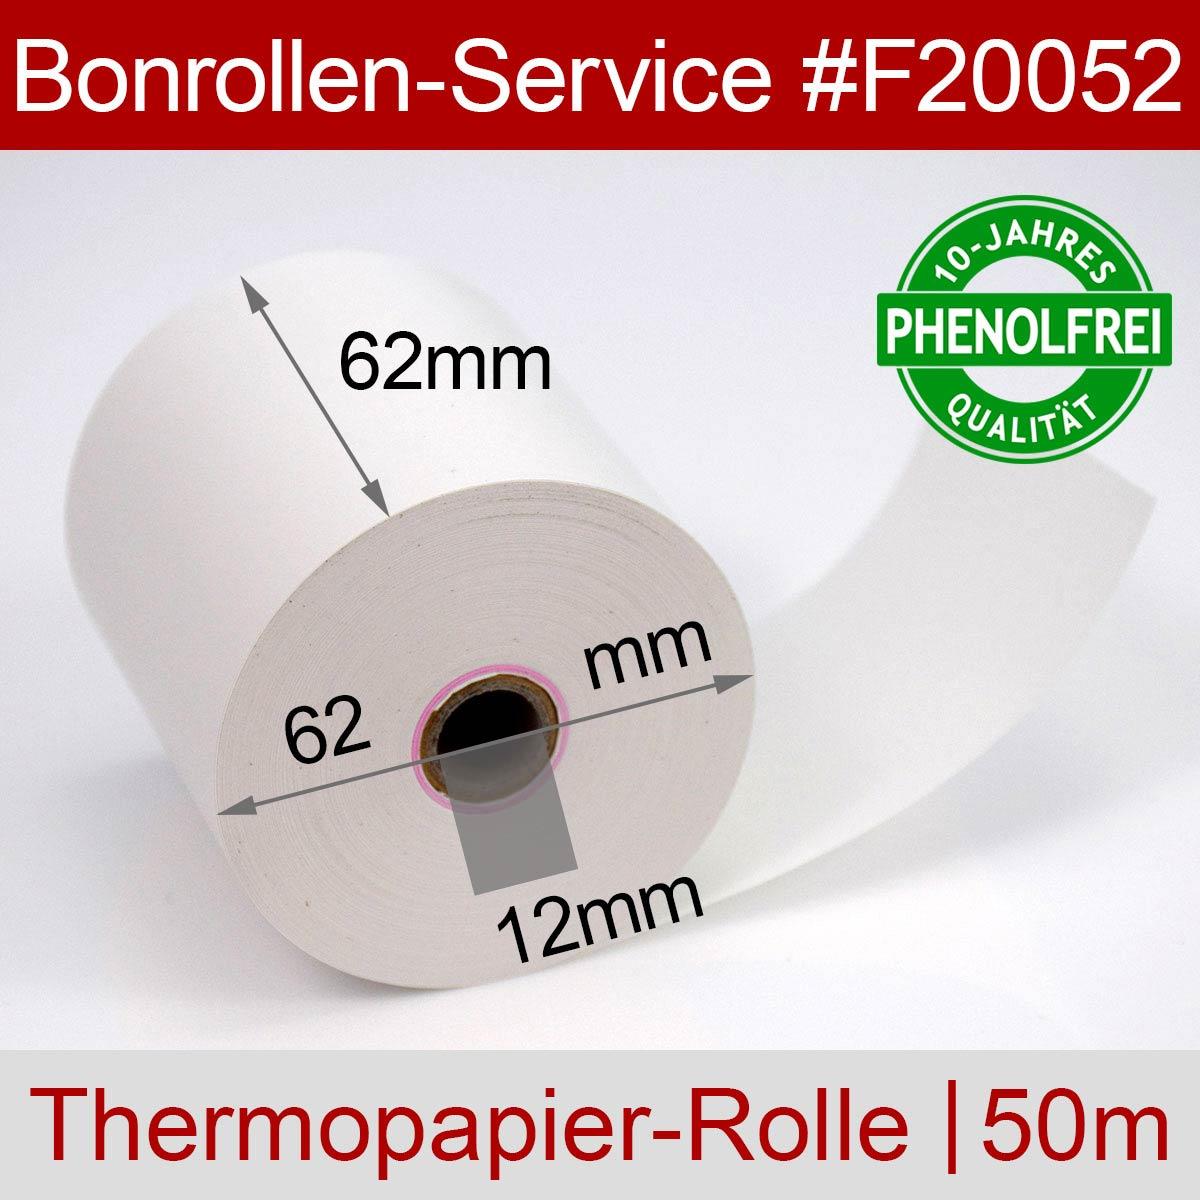 Thermorollen 62 / 50m / 12 weiß (10-Jahres-Qualität, phenolfrei) - Detailansicht